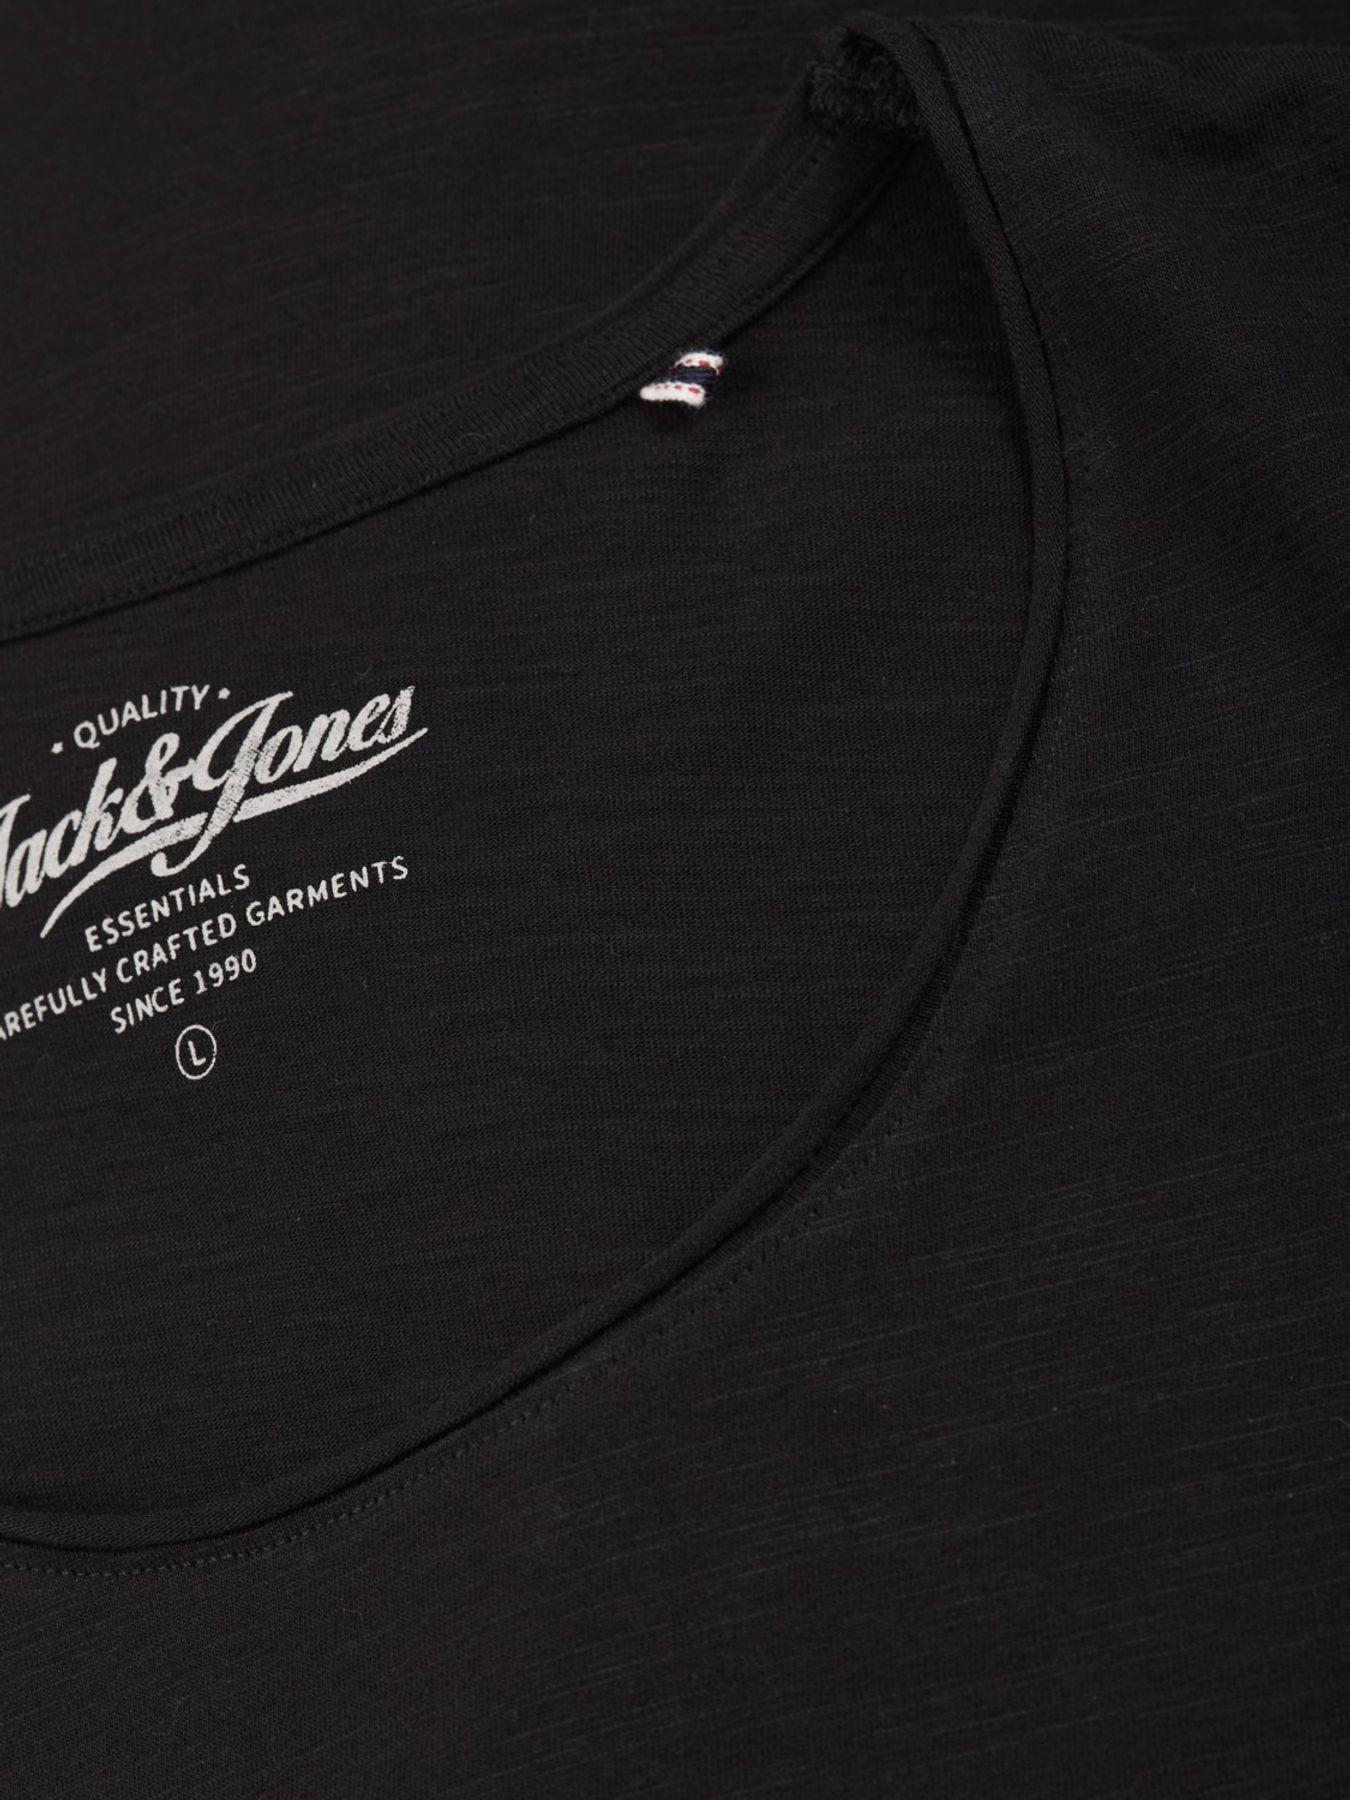 Jack & Jones - Herren T-shirt in verschiedenen Farben, (Art. 12136679) – Bild 3